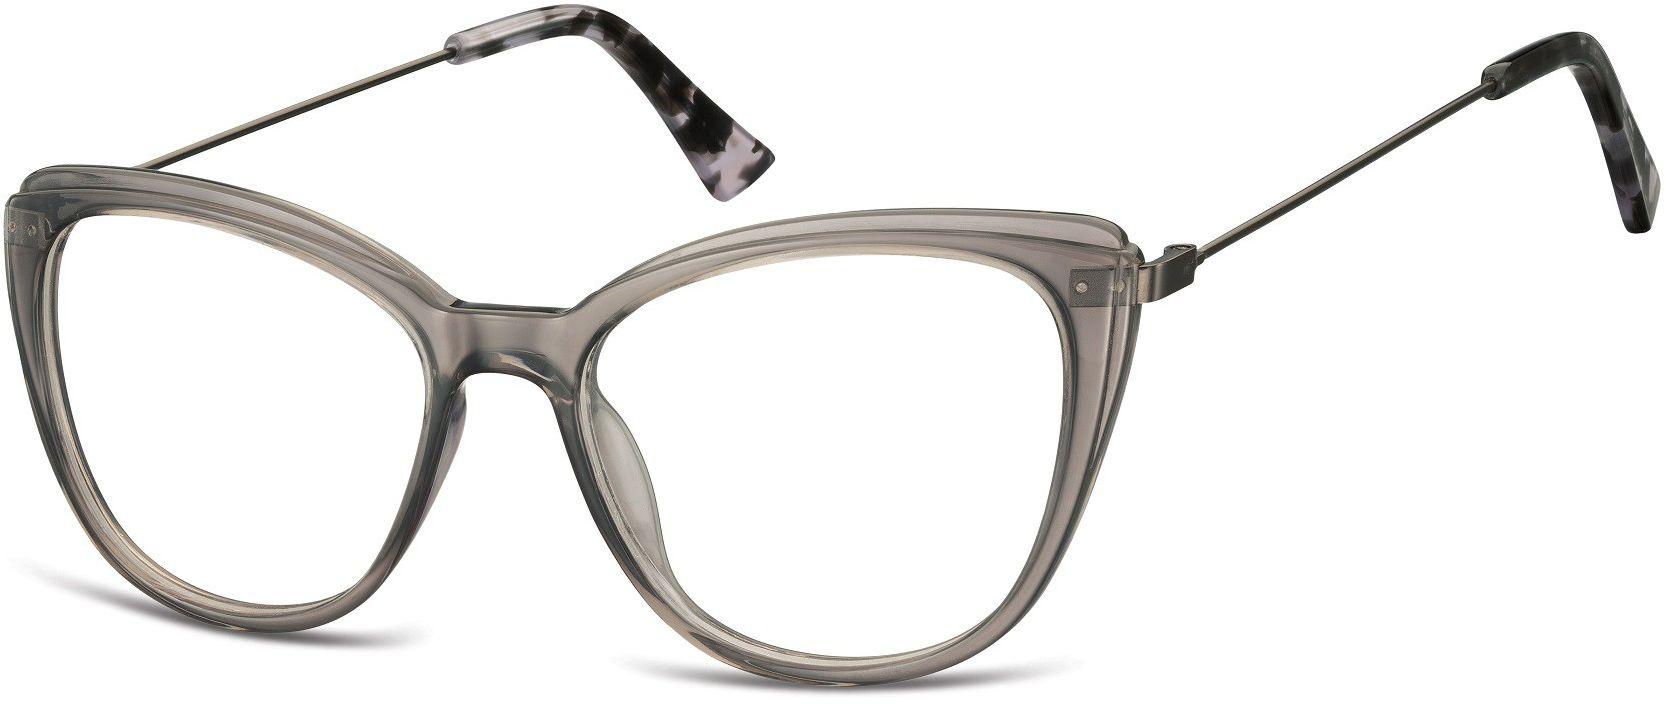 Oprawki korekcyjne okulary Kocie Oczy zerówki damskie CP121A szare